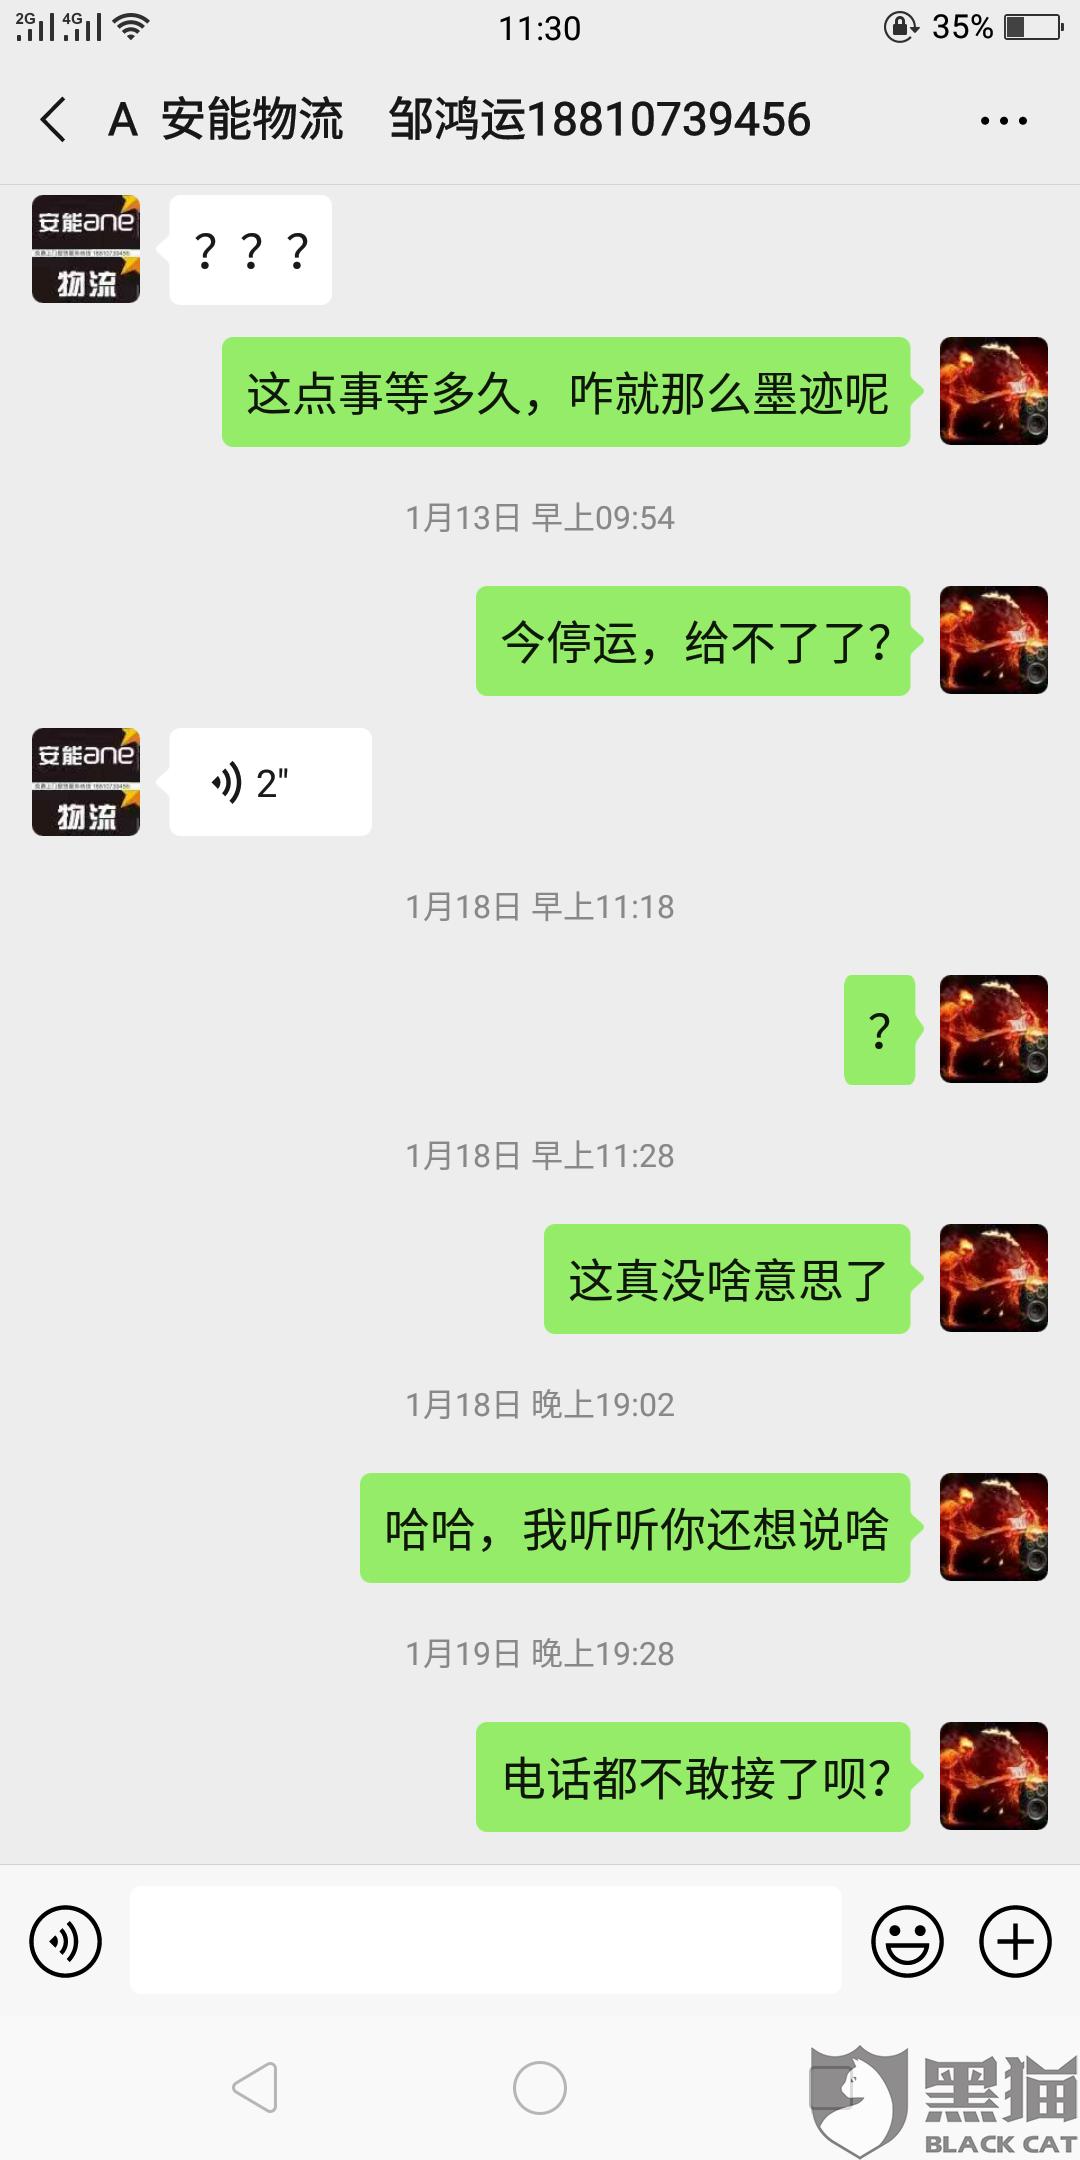 黑猫投诉:北京丰台区安能物流长辛店没有营业执照非法经营